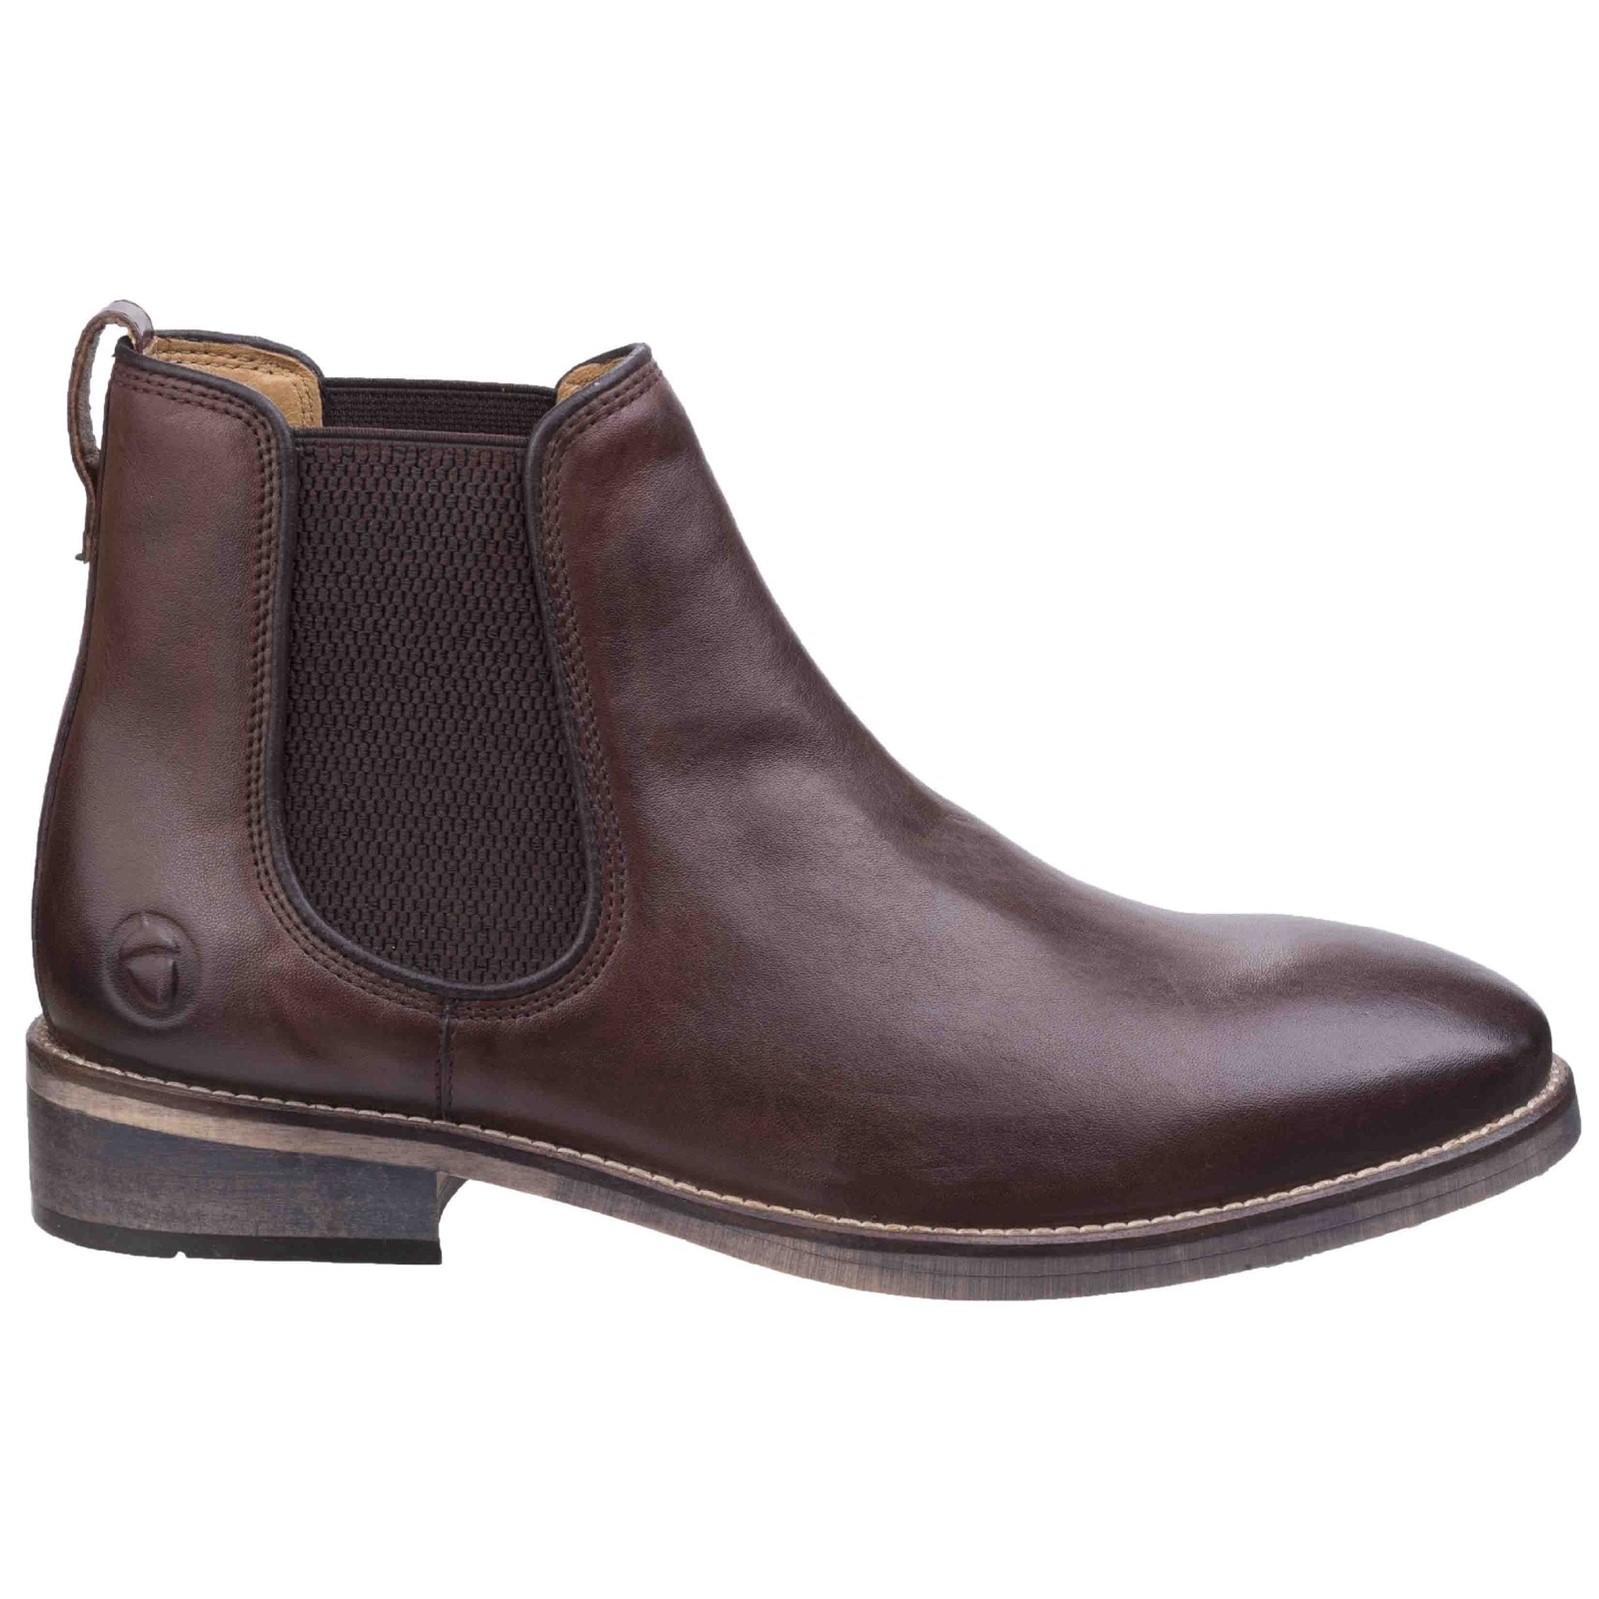 Cotswold Corsham Town Comfortable Leder Chelsea Leder Comfortable  Herren Stiefel e37362